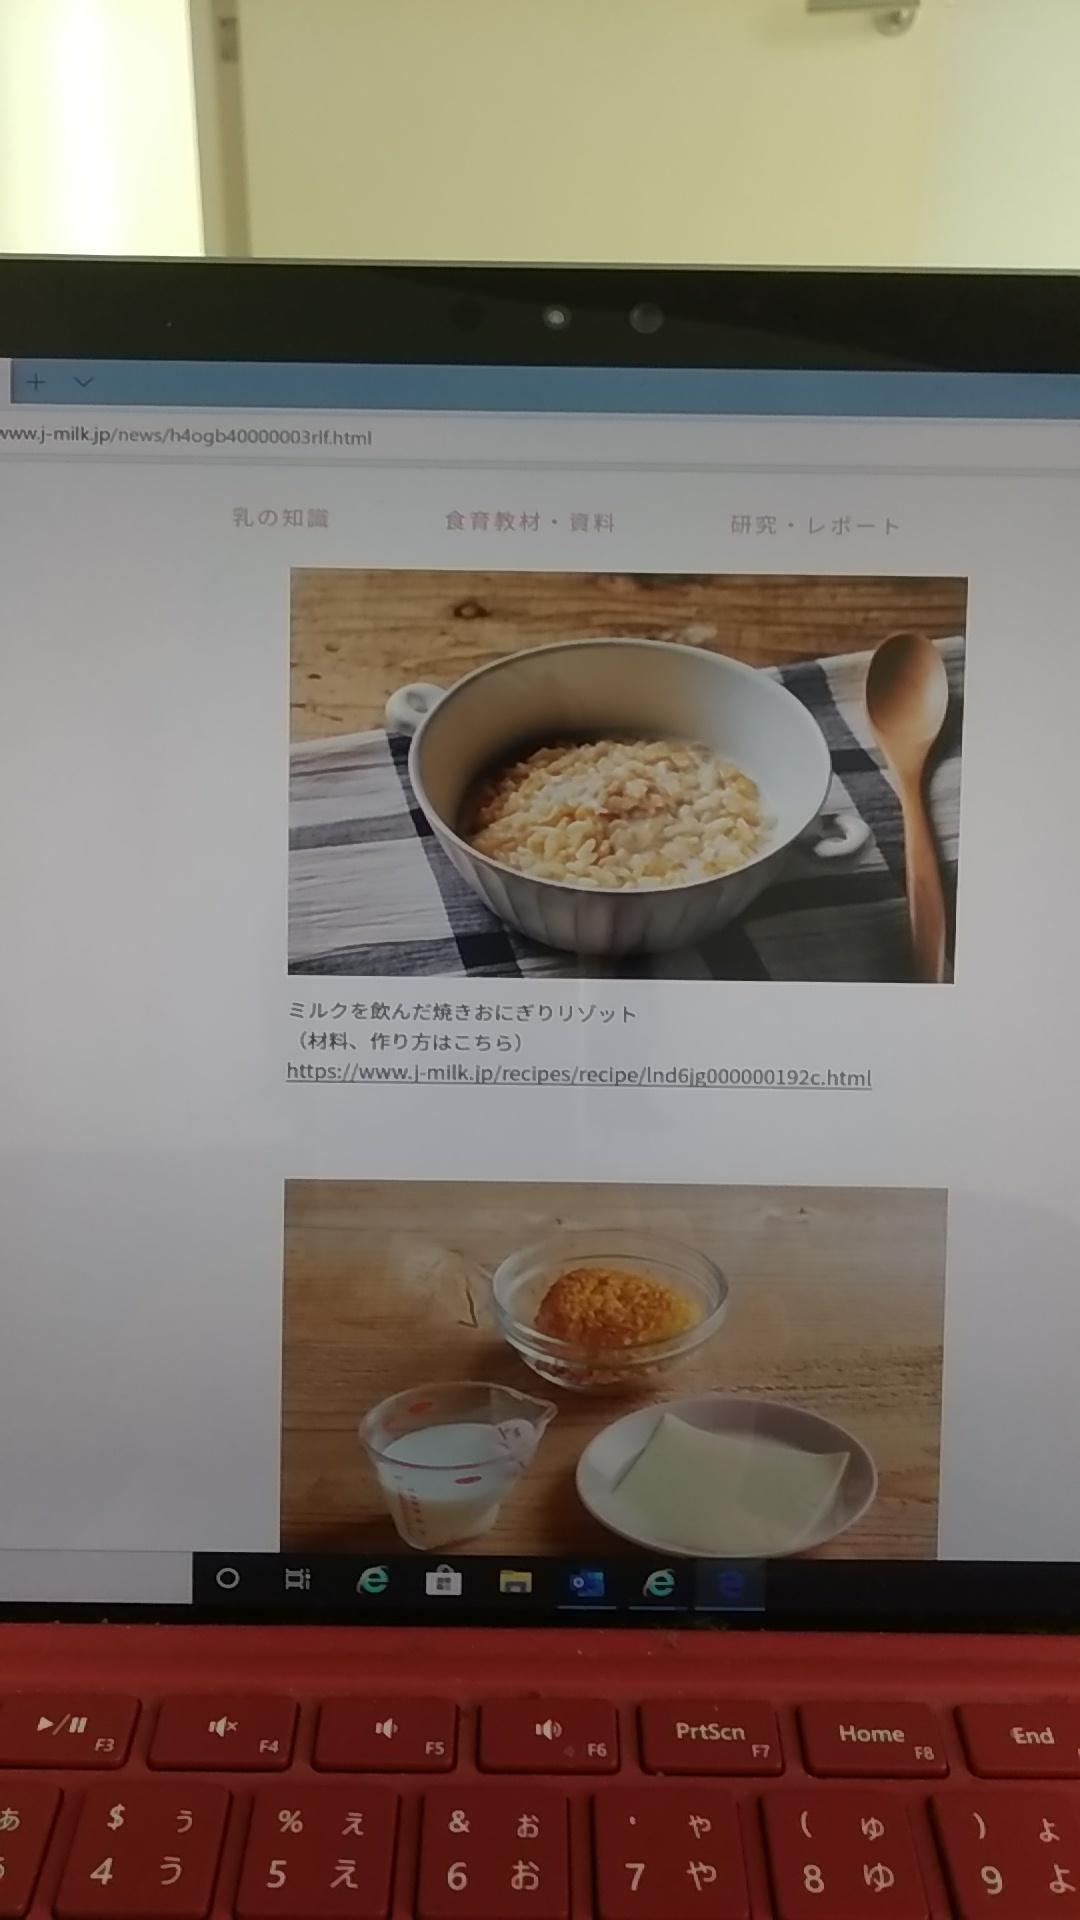 コンビニミルク飯、Jミルクさんのサイトで絶賛公開中です♪_b0204930_09403810.jpg